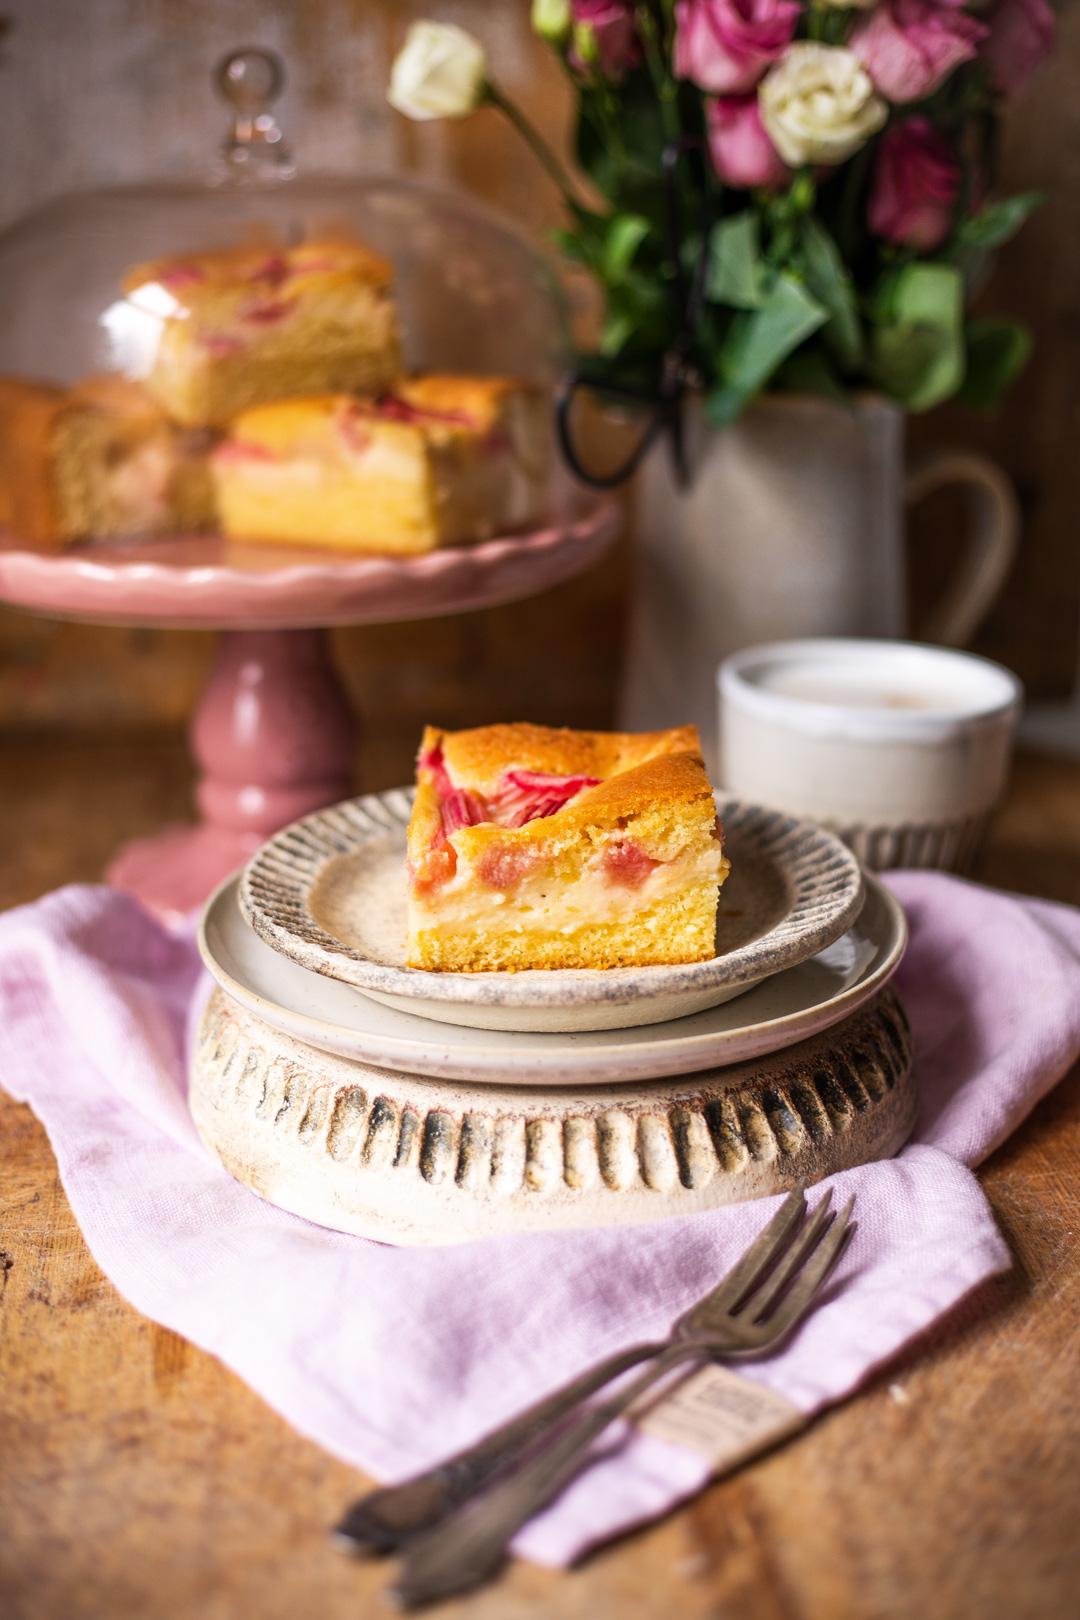 Rhabarber-Kuchen-Blech mit Pudding - Kochmädchen Foodblog